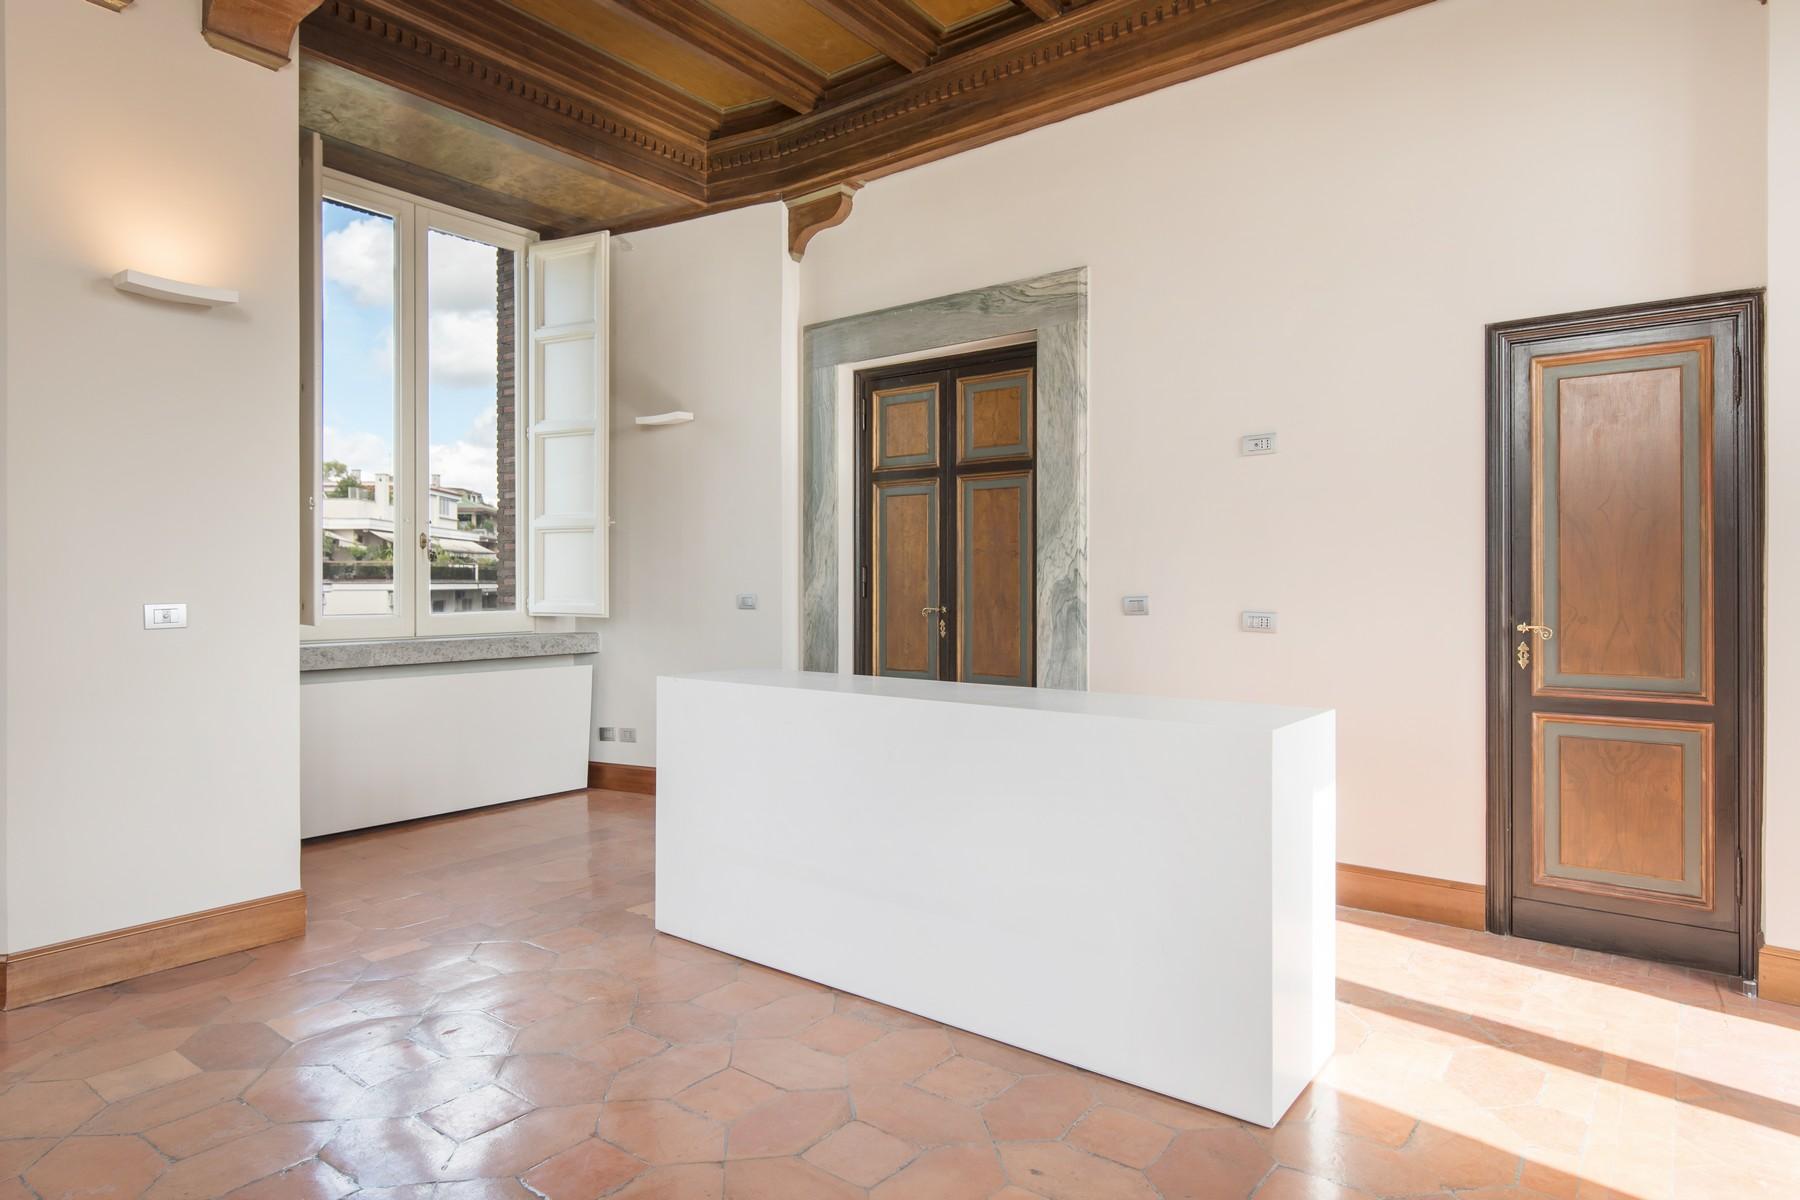 Appartamento in Vendita a Roma: 5 locali, 220 mq - Foto 11